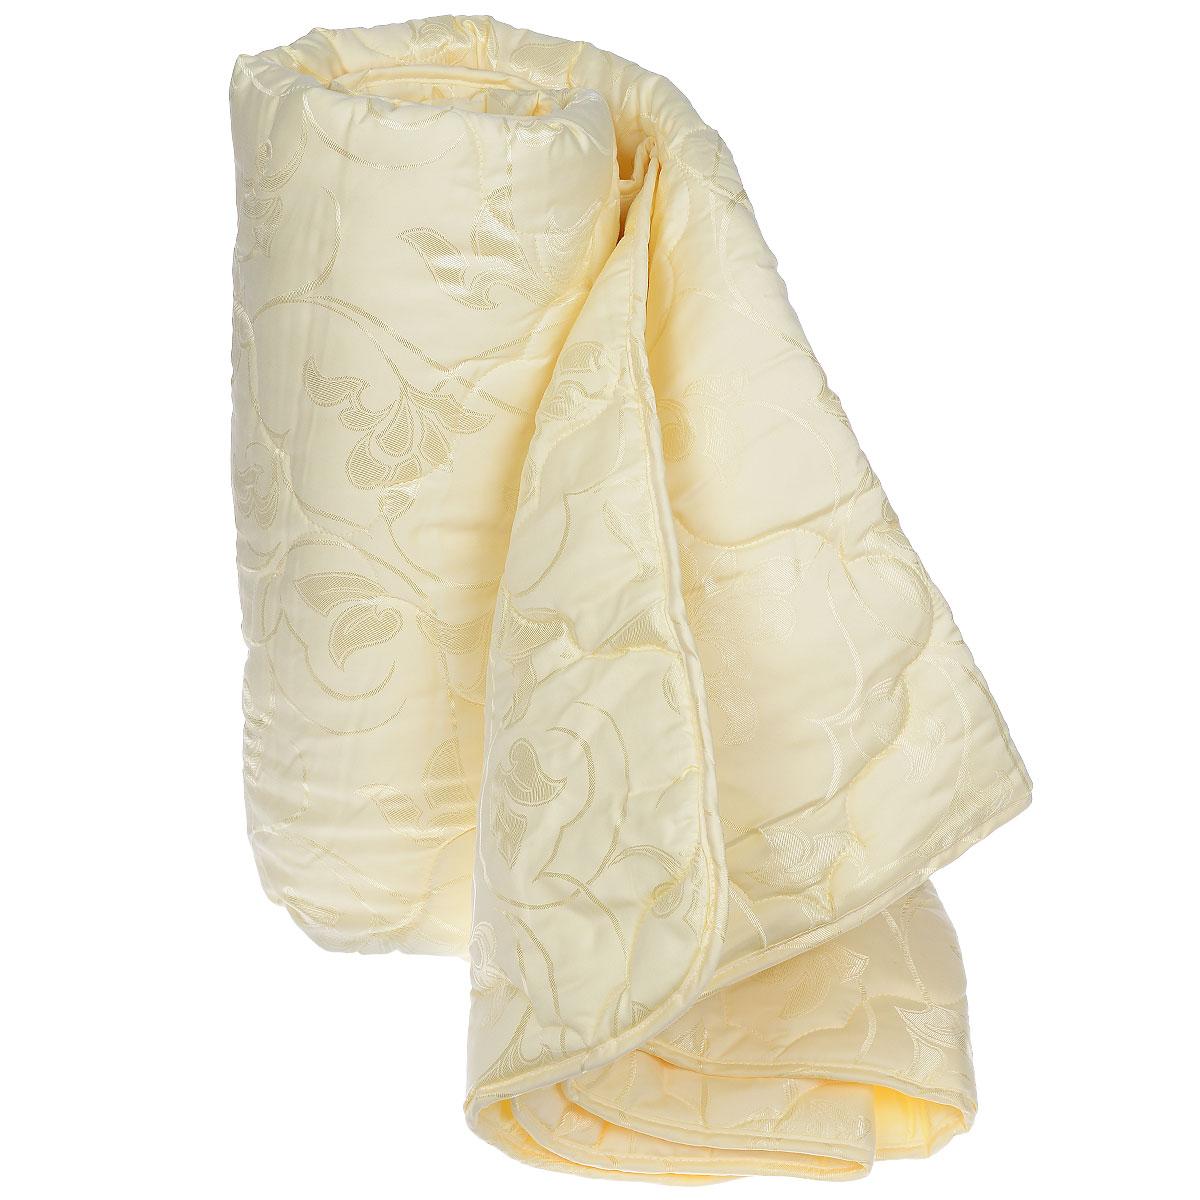 Одеяло Sova & Javoronok, наполнитель: шелковое волокно, цвет: бежевый, 172 х 205 см5030116083Чехол одеяла Sova & Javoronok выполнен из благородного сатина. Наполнитель - натуральное шелковое волокно. Особенности наполнителя: - обладает высокими сорбционными свойствами, создавая эффект сухого тепла; - регулирует температурный режим; - не вызывает аллергических реакций. Шелк всегда считался одним из самых элитных и роскошных материалов. Очень нежный, легкий, шелк отлично приспосабливается к температуре тела и окружающей среды. Летом с подушкой из шелка вы чувствуете прохладу, зимой - приятное тепло. В натуральном шелке не заводится и не живет пылевой клещ, также шелк обладает бактериостатическими свойствами (в нем не размножаются патогенные бактерии), в нем не живут и не размножаются грибки и сапрофиты. Натуральный шелк гипоаллергенен и рекомендован людям с аллергическими реакциями. При впитывании шелком влаги до 30% от собственного веса он остается сухим на ощупь. Натуральный шелк не электризуется. Одеяло Sova &...